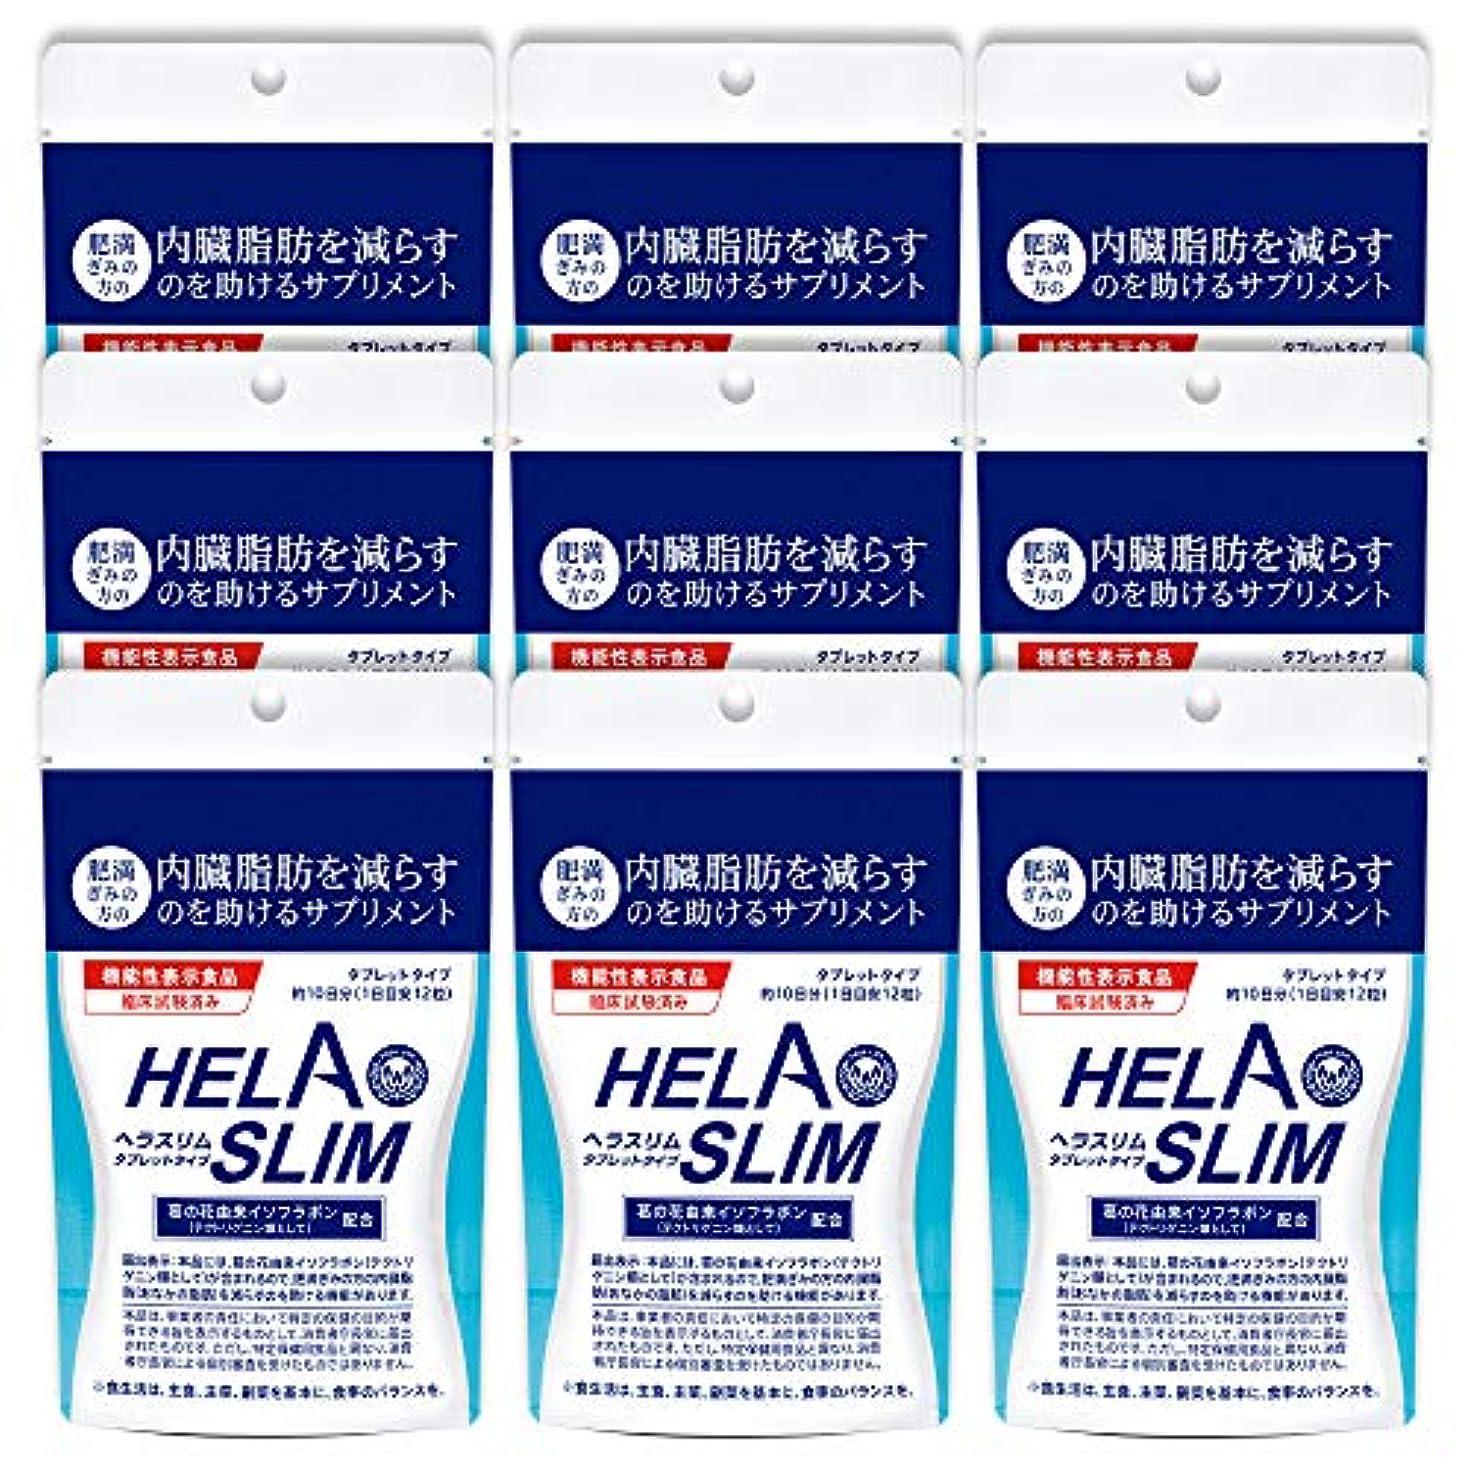 シールと闘う接触【9袋セット】HELASLIM(120粒入り)アルミパック